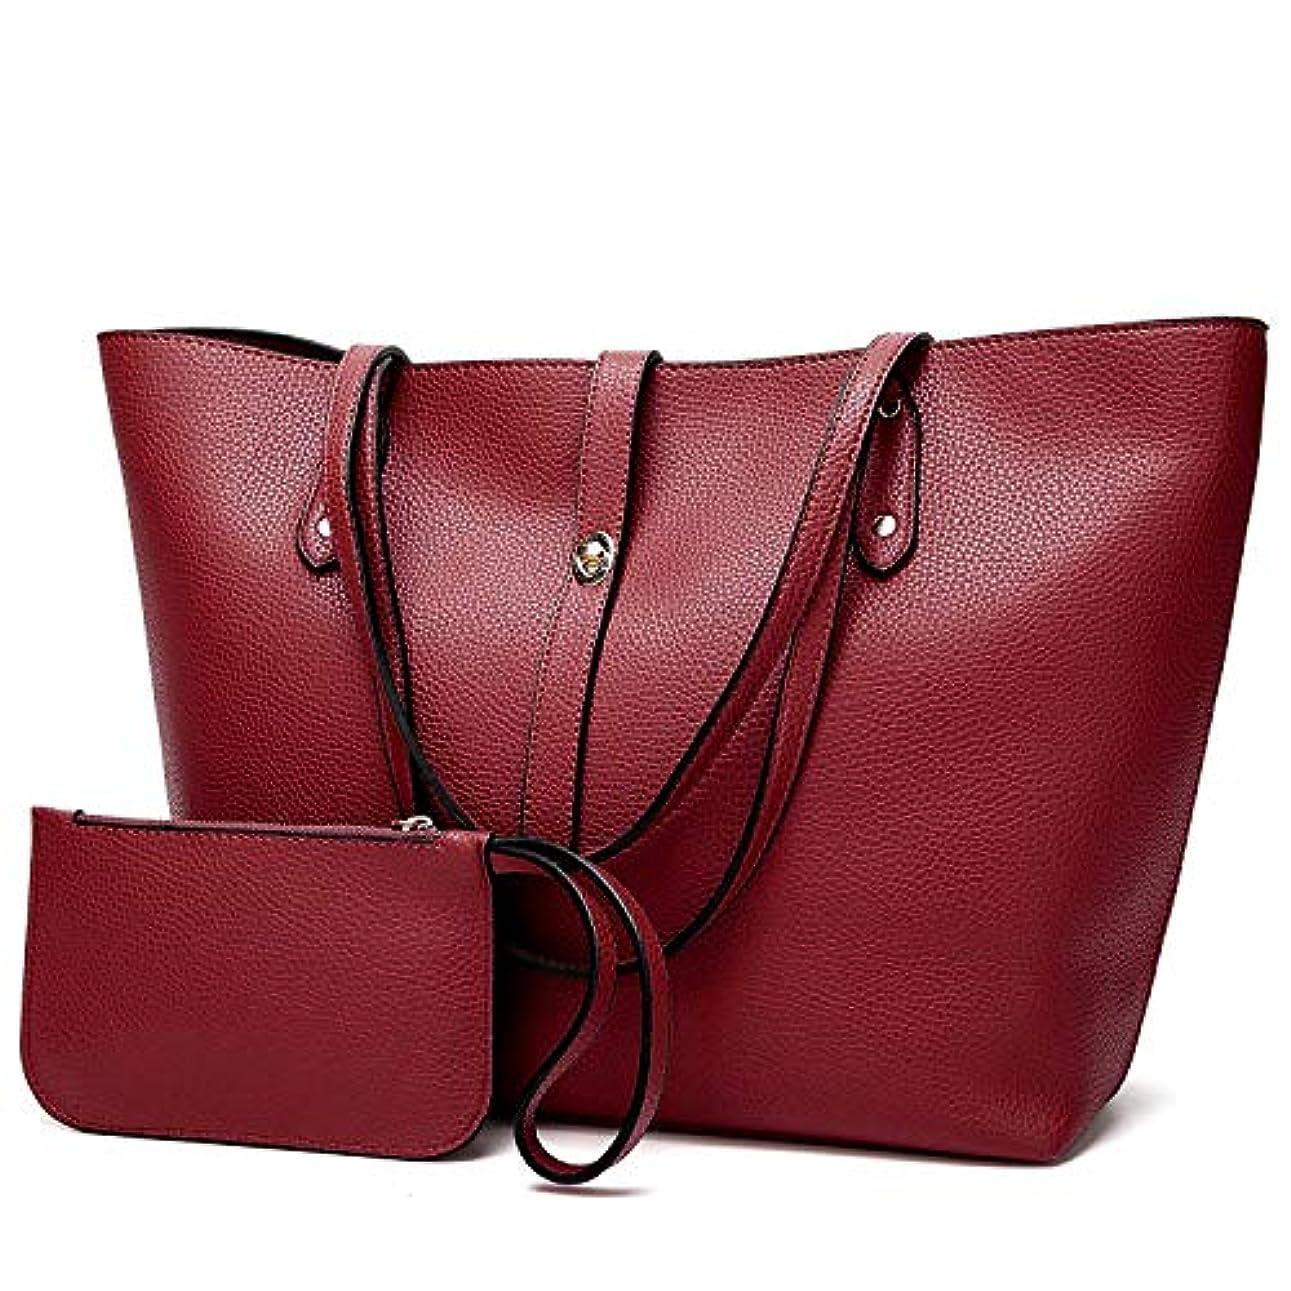 秋宣言するキルス[TcIFE] ハンドバッグ レディース トートバッグ 大容量 無地 ショルダーバッグ 2way 財布とハンドバッグ